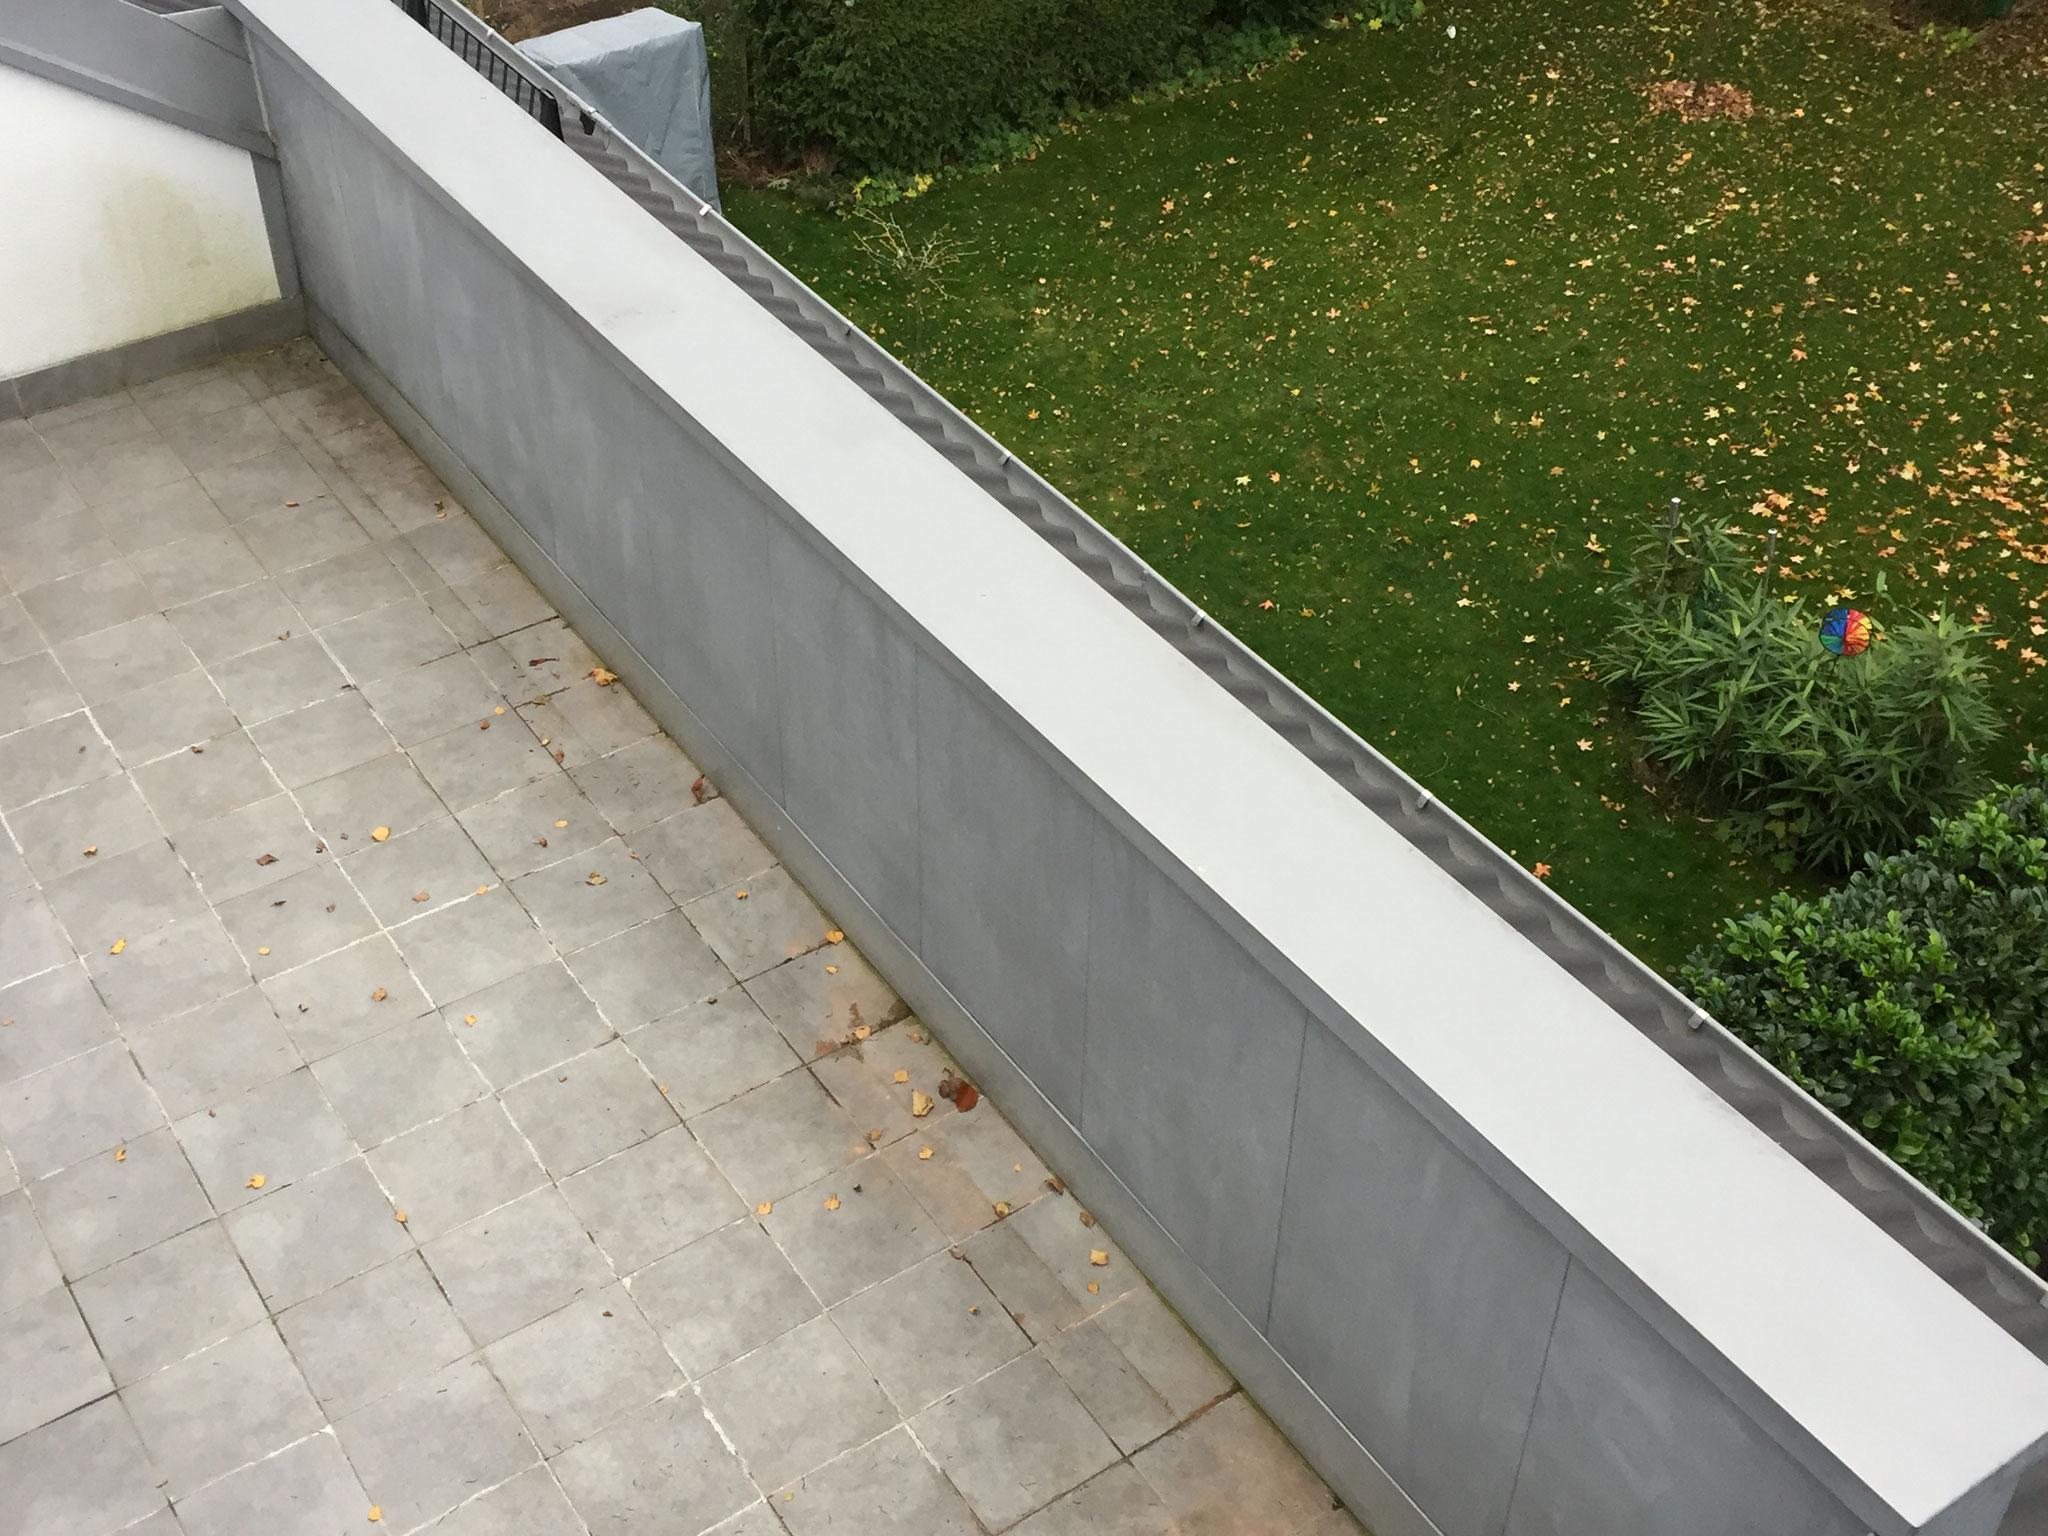 Balkonbrüstung mit Uginox verkleidet